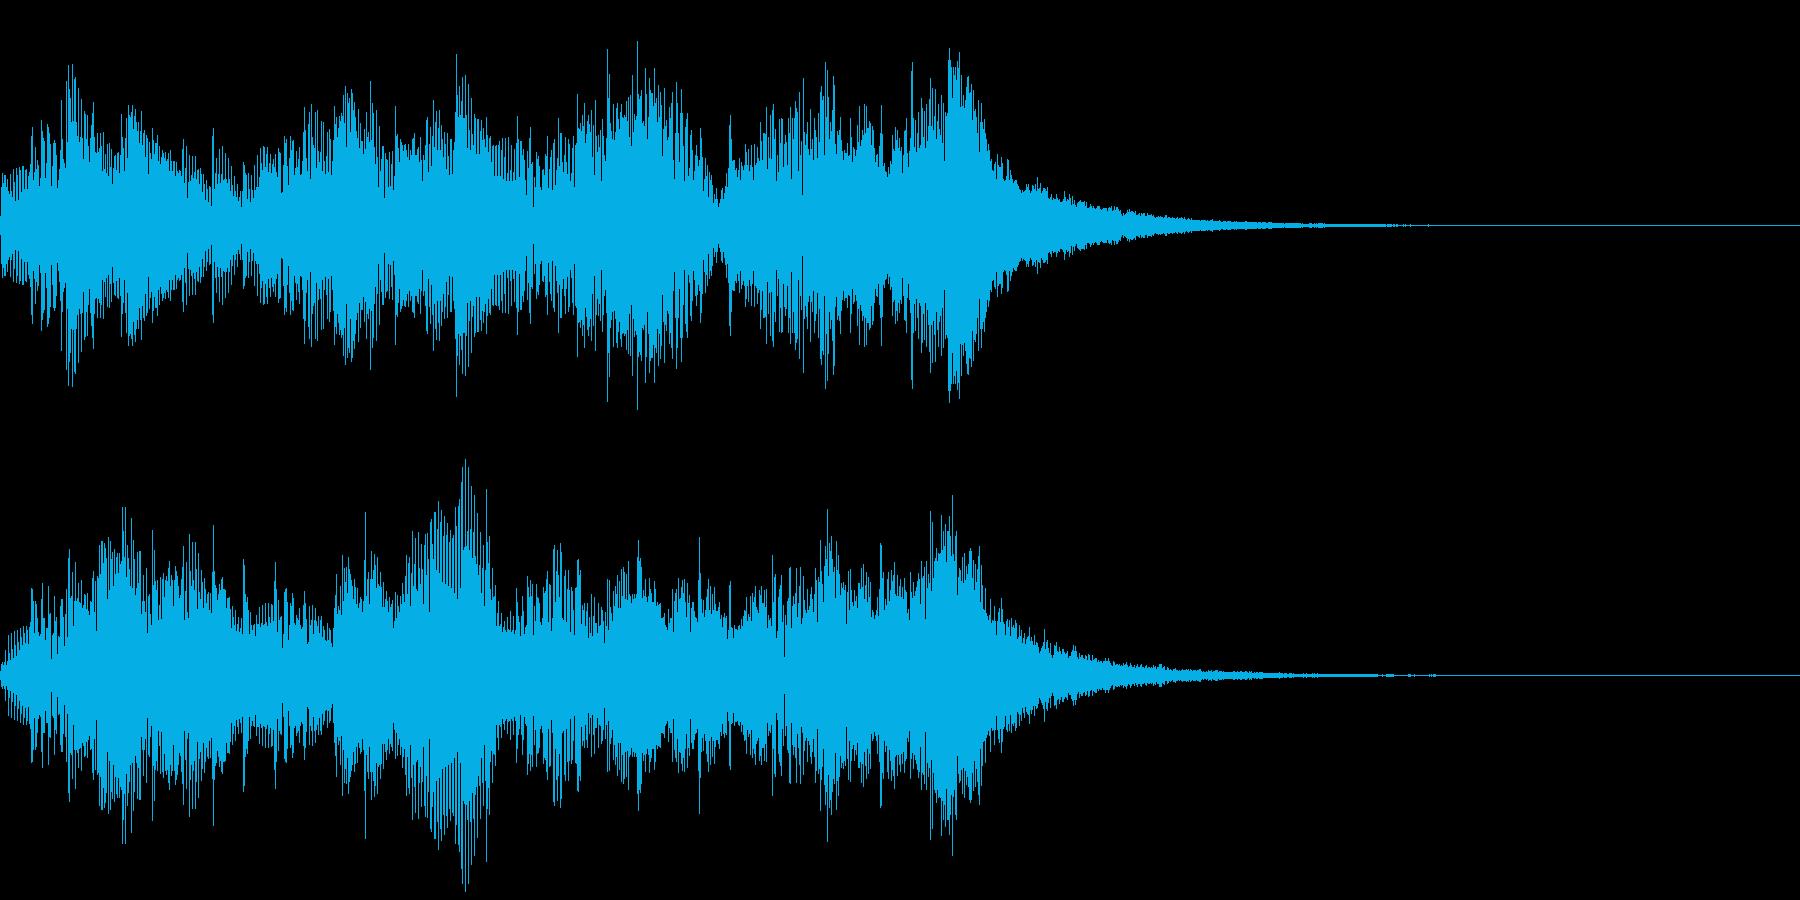 ああこれバッハだなぁ、って感じのジングルの再生済みの波形